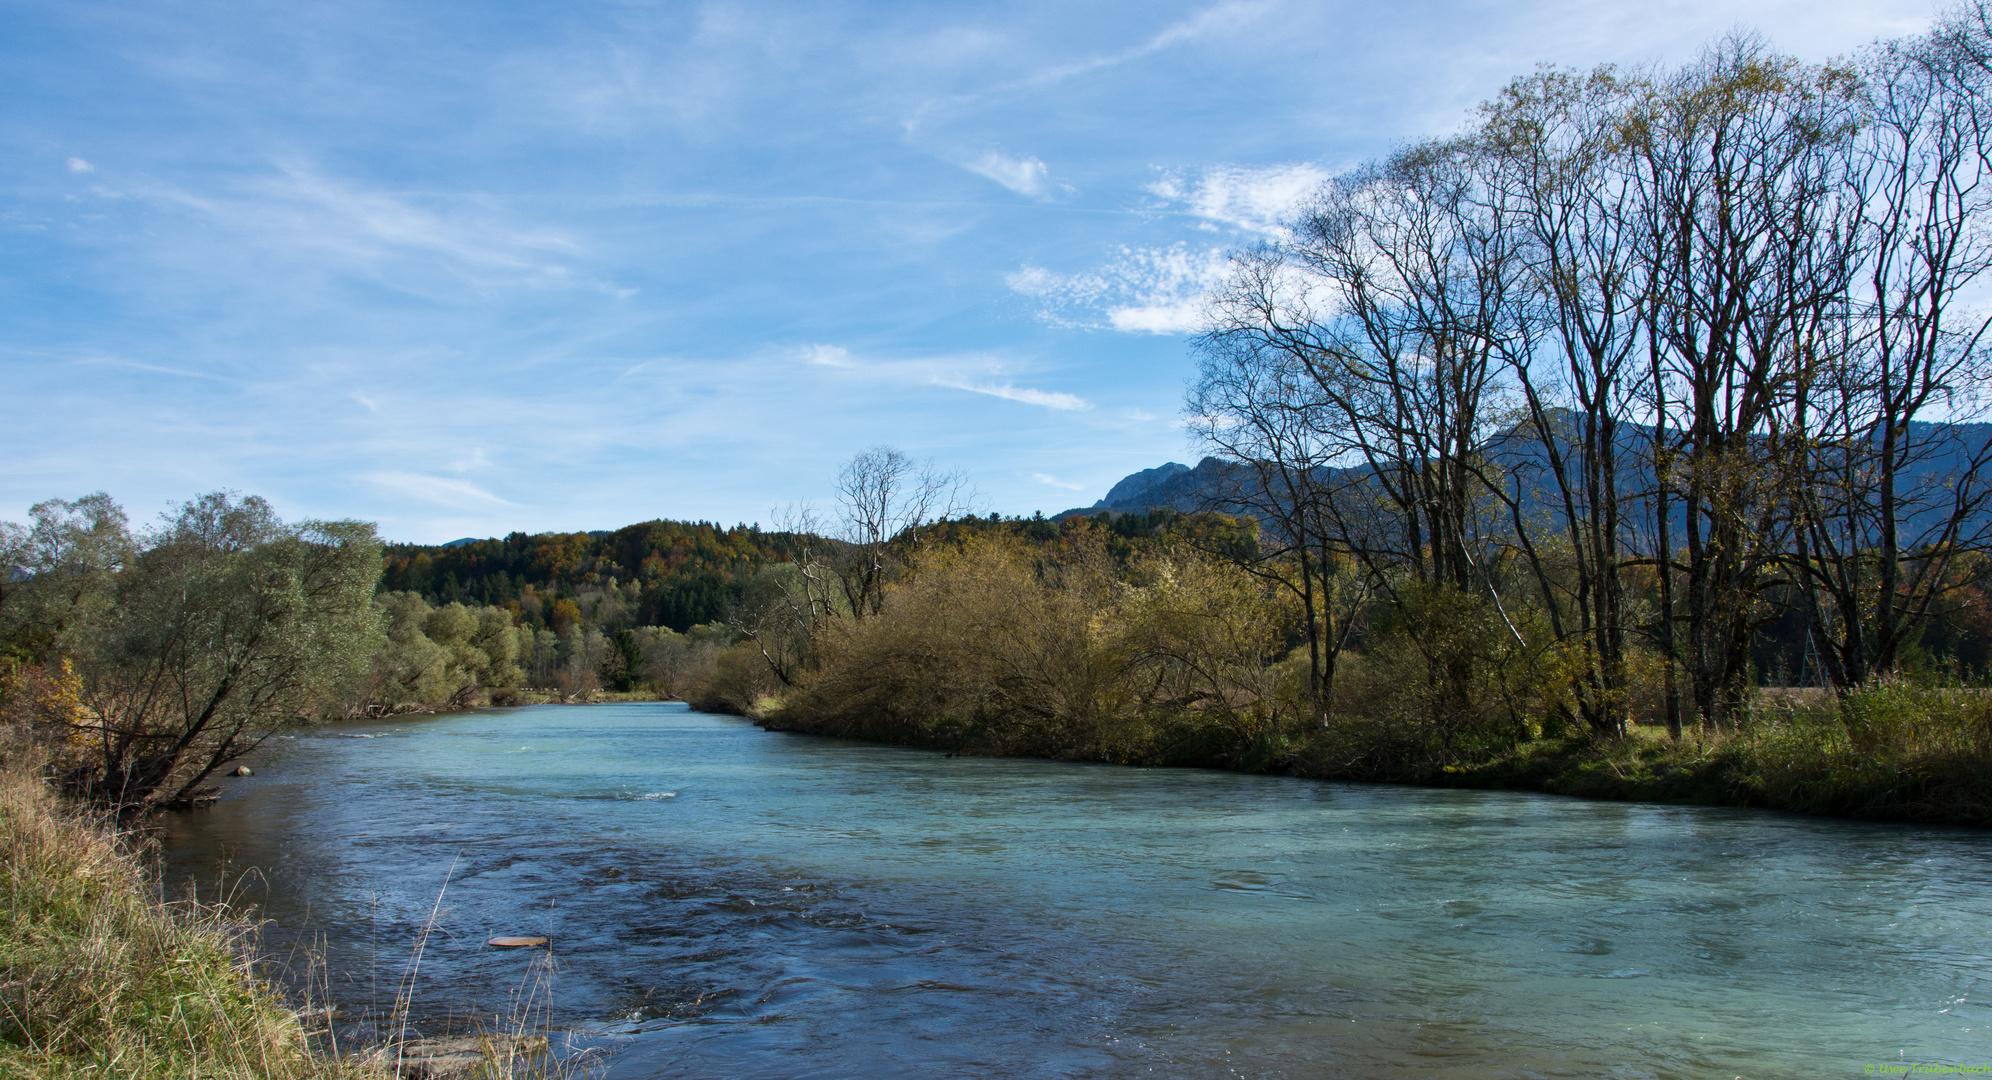 Die Loisach bei Murnau